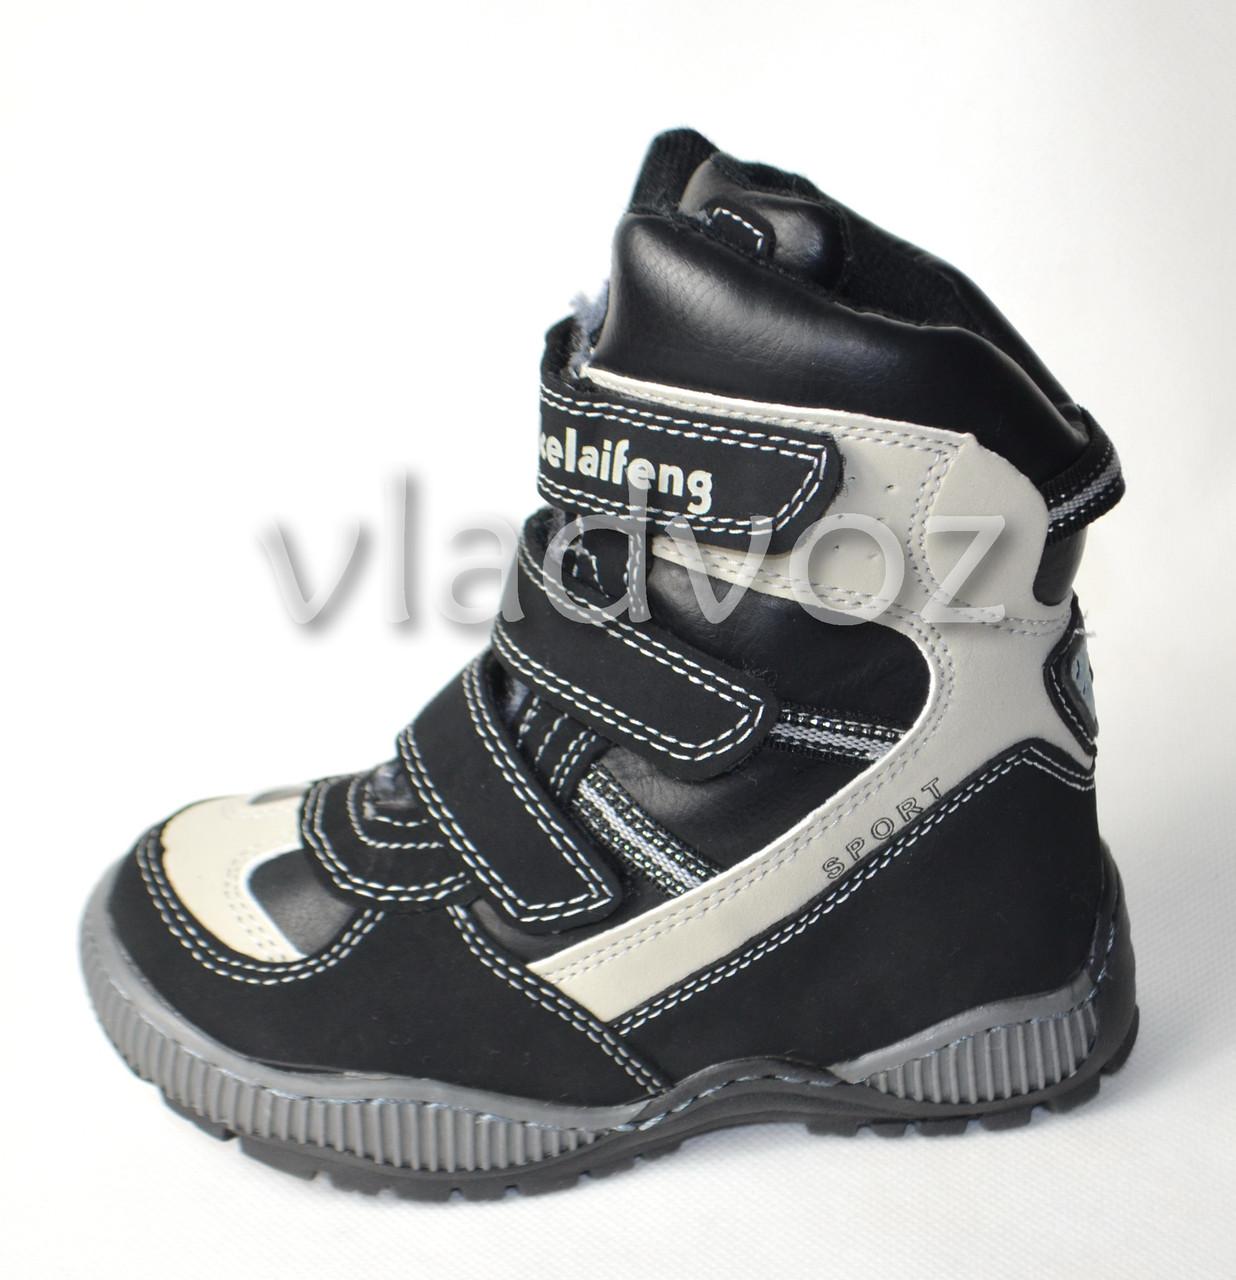 Зимние термо ботинки для мальчика сапоги Kellaifeng черный с бежевым 28р.